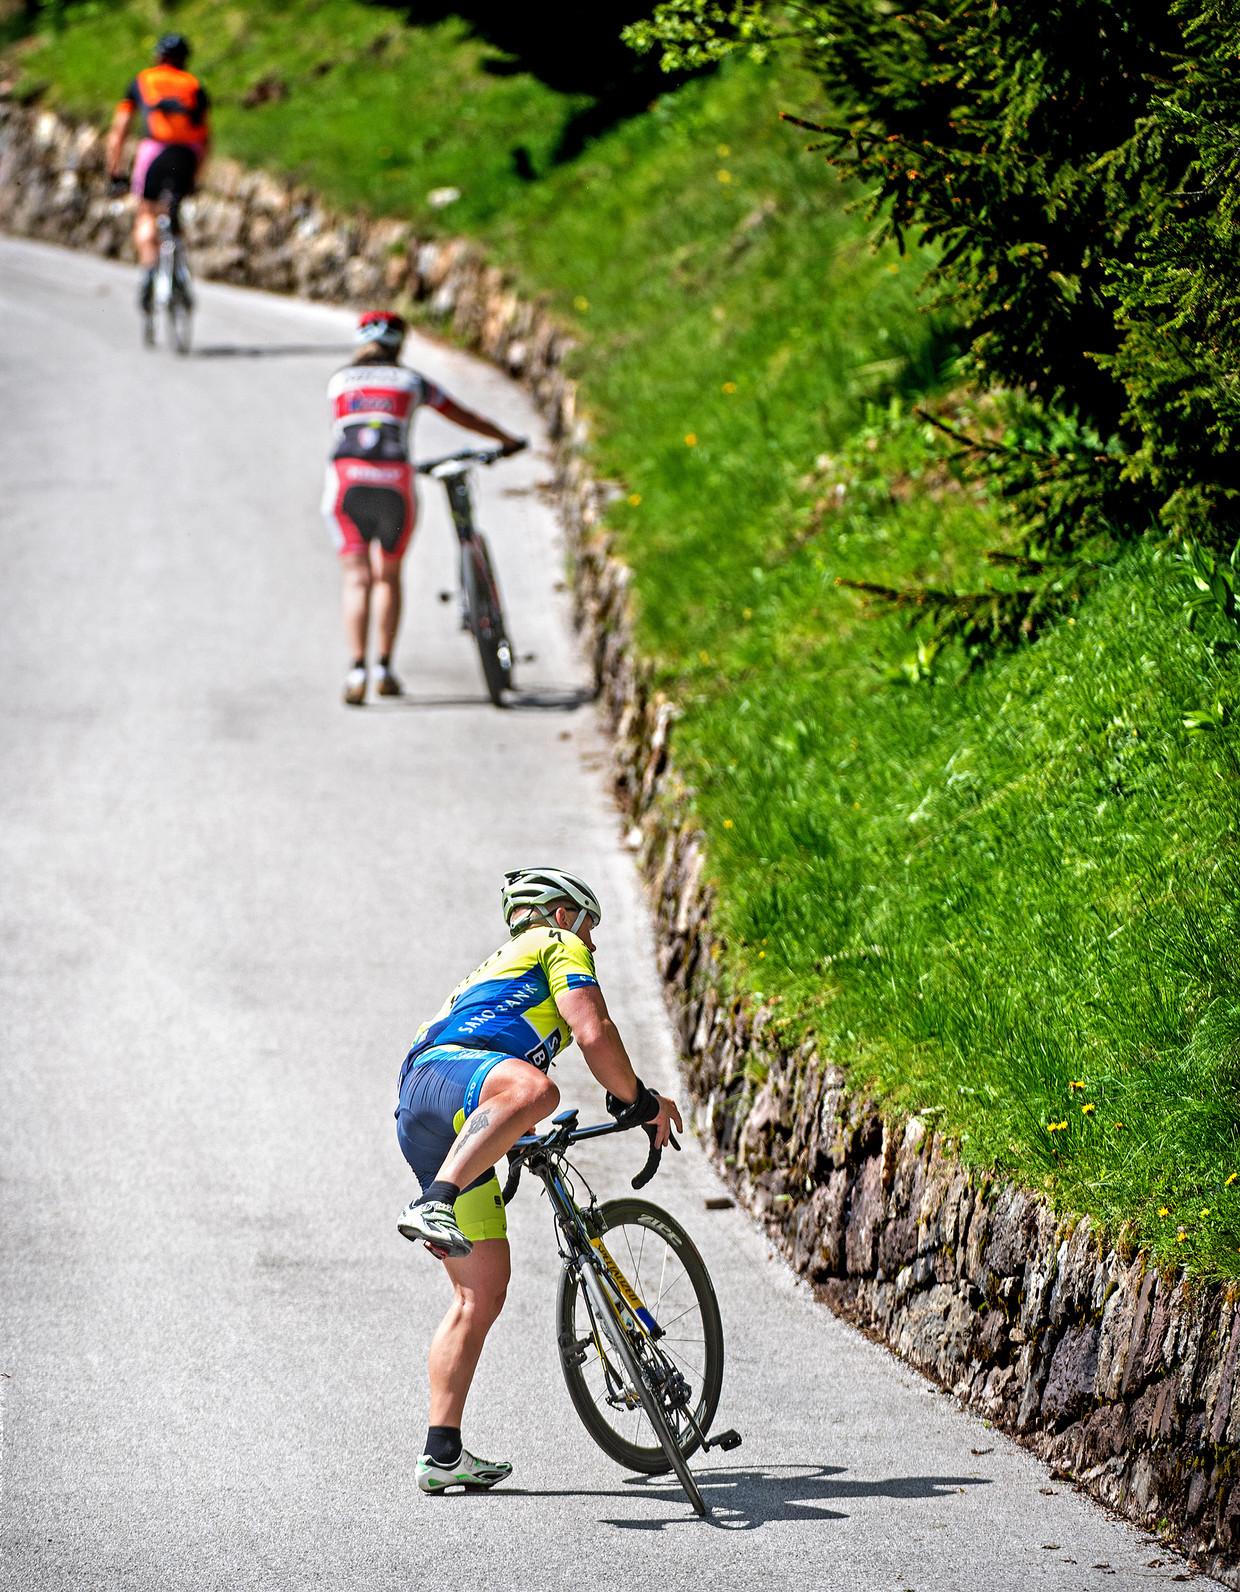 Een dag voor de aankomst van de Giro proberen wieleramateurs de Mont Zoncolan te beklimmen.